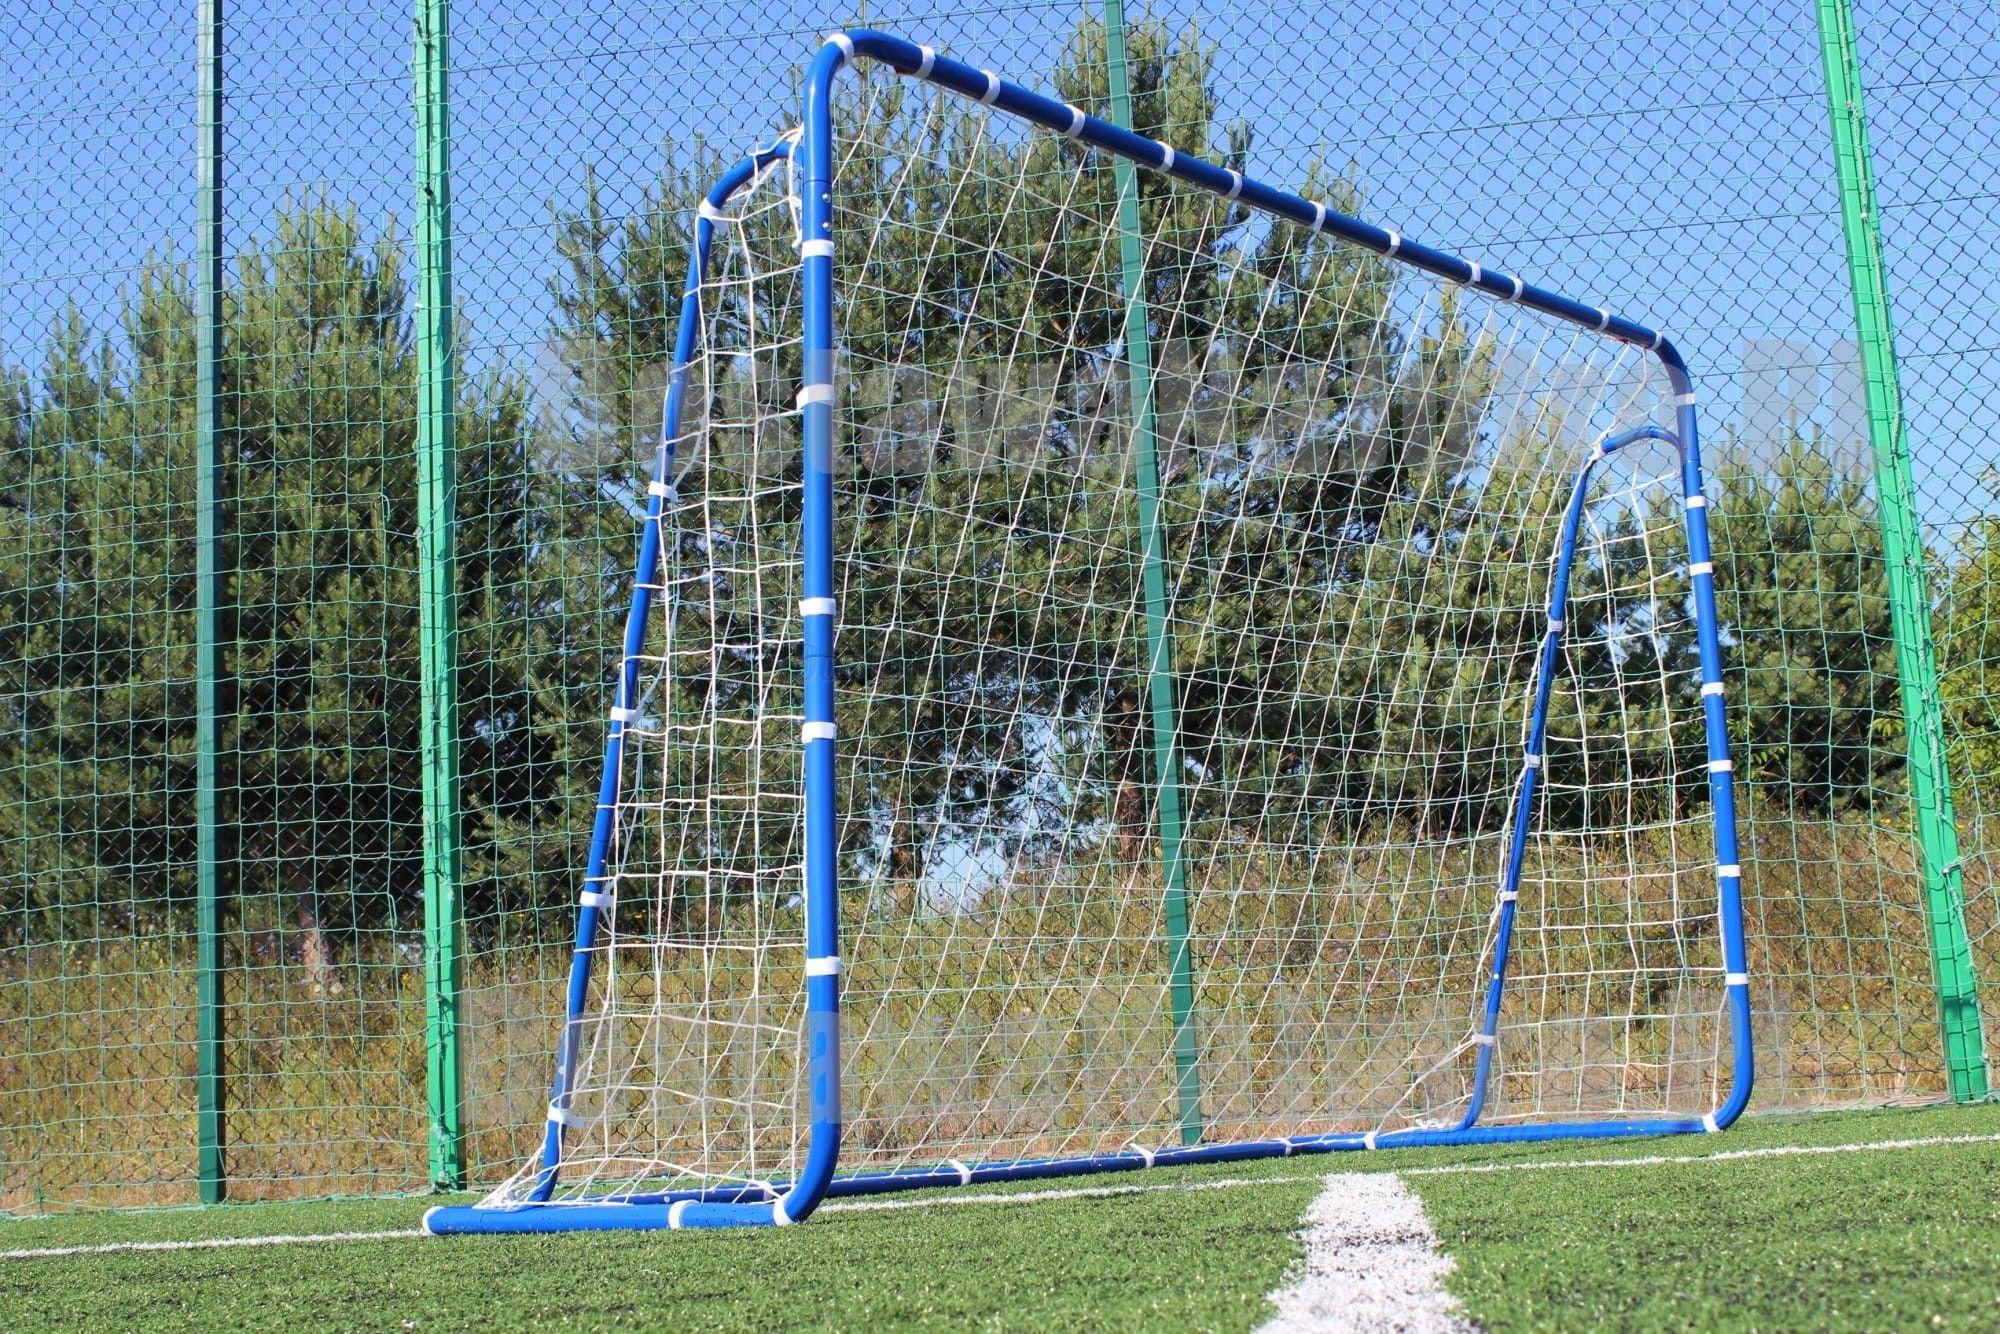 Bramka piłkarska SPARTAN XL 240 x 160 cm składana